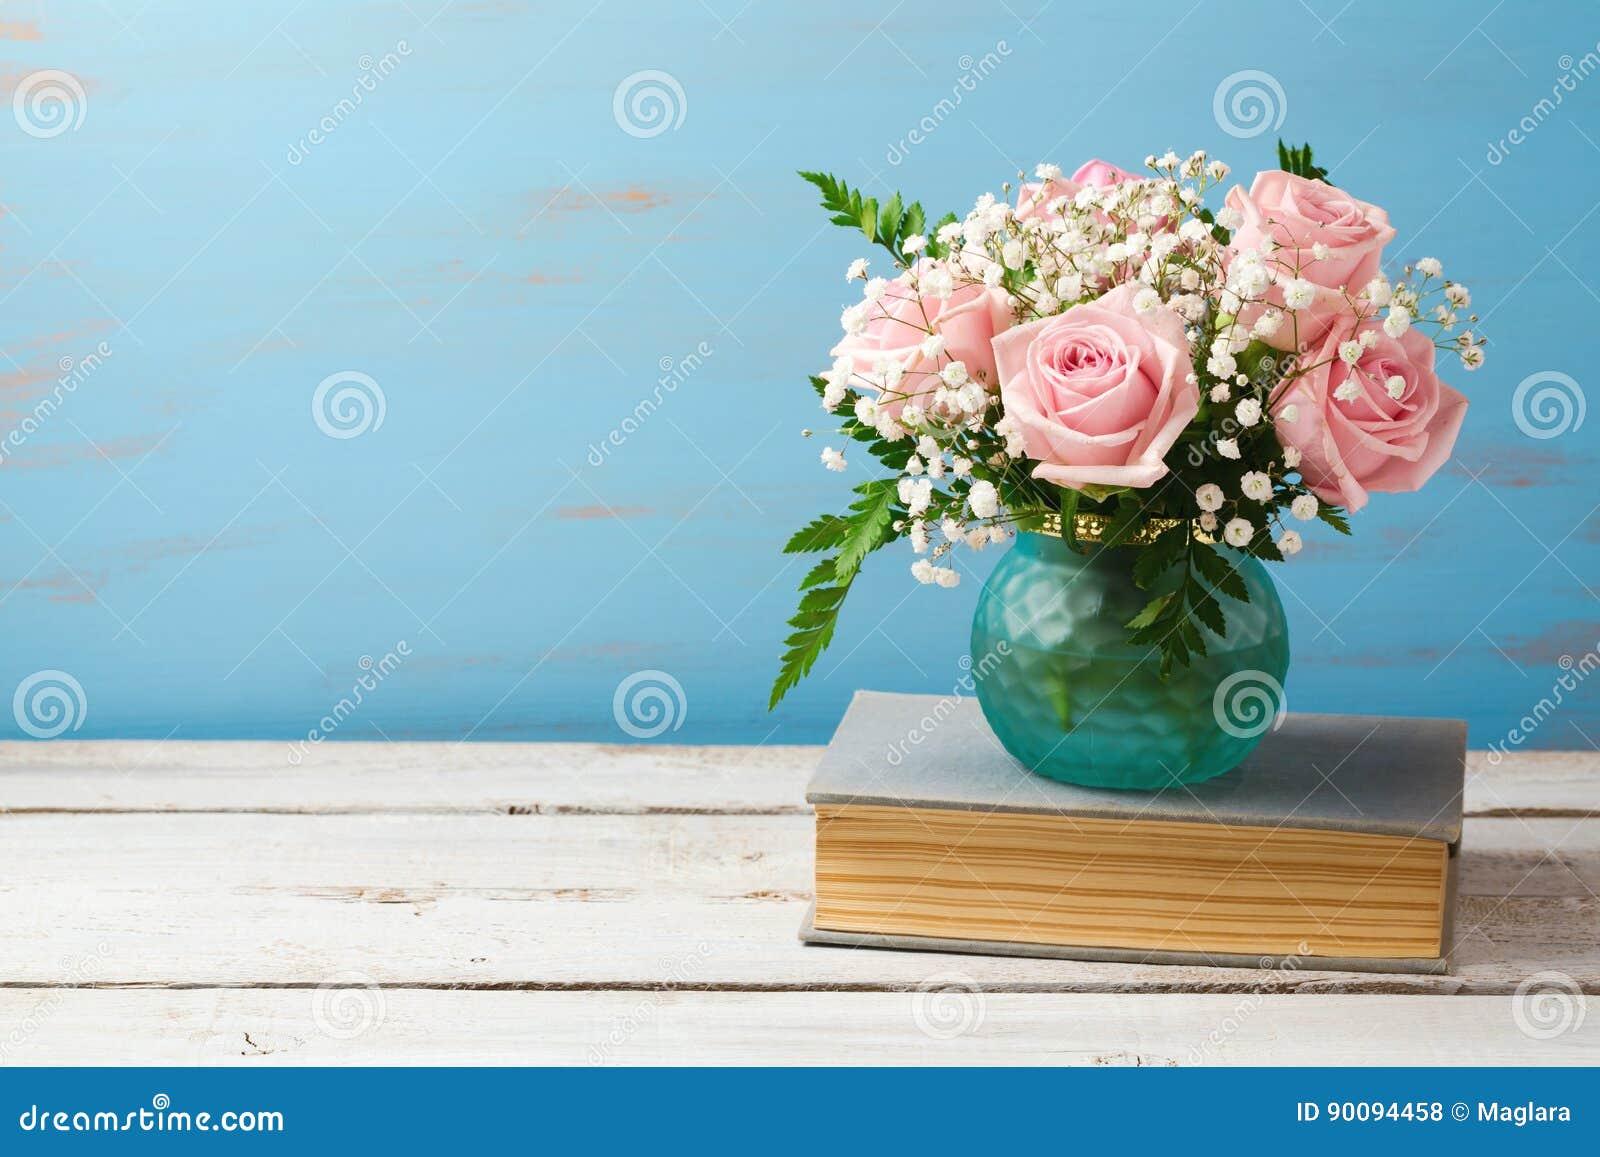 Ramo de la flor de Rose en florero en los libros viejos sobre fondo de madera